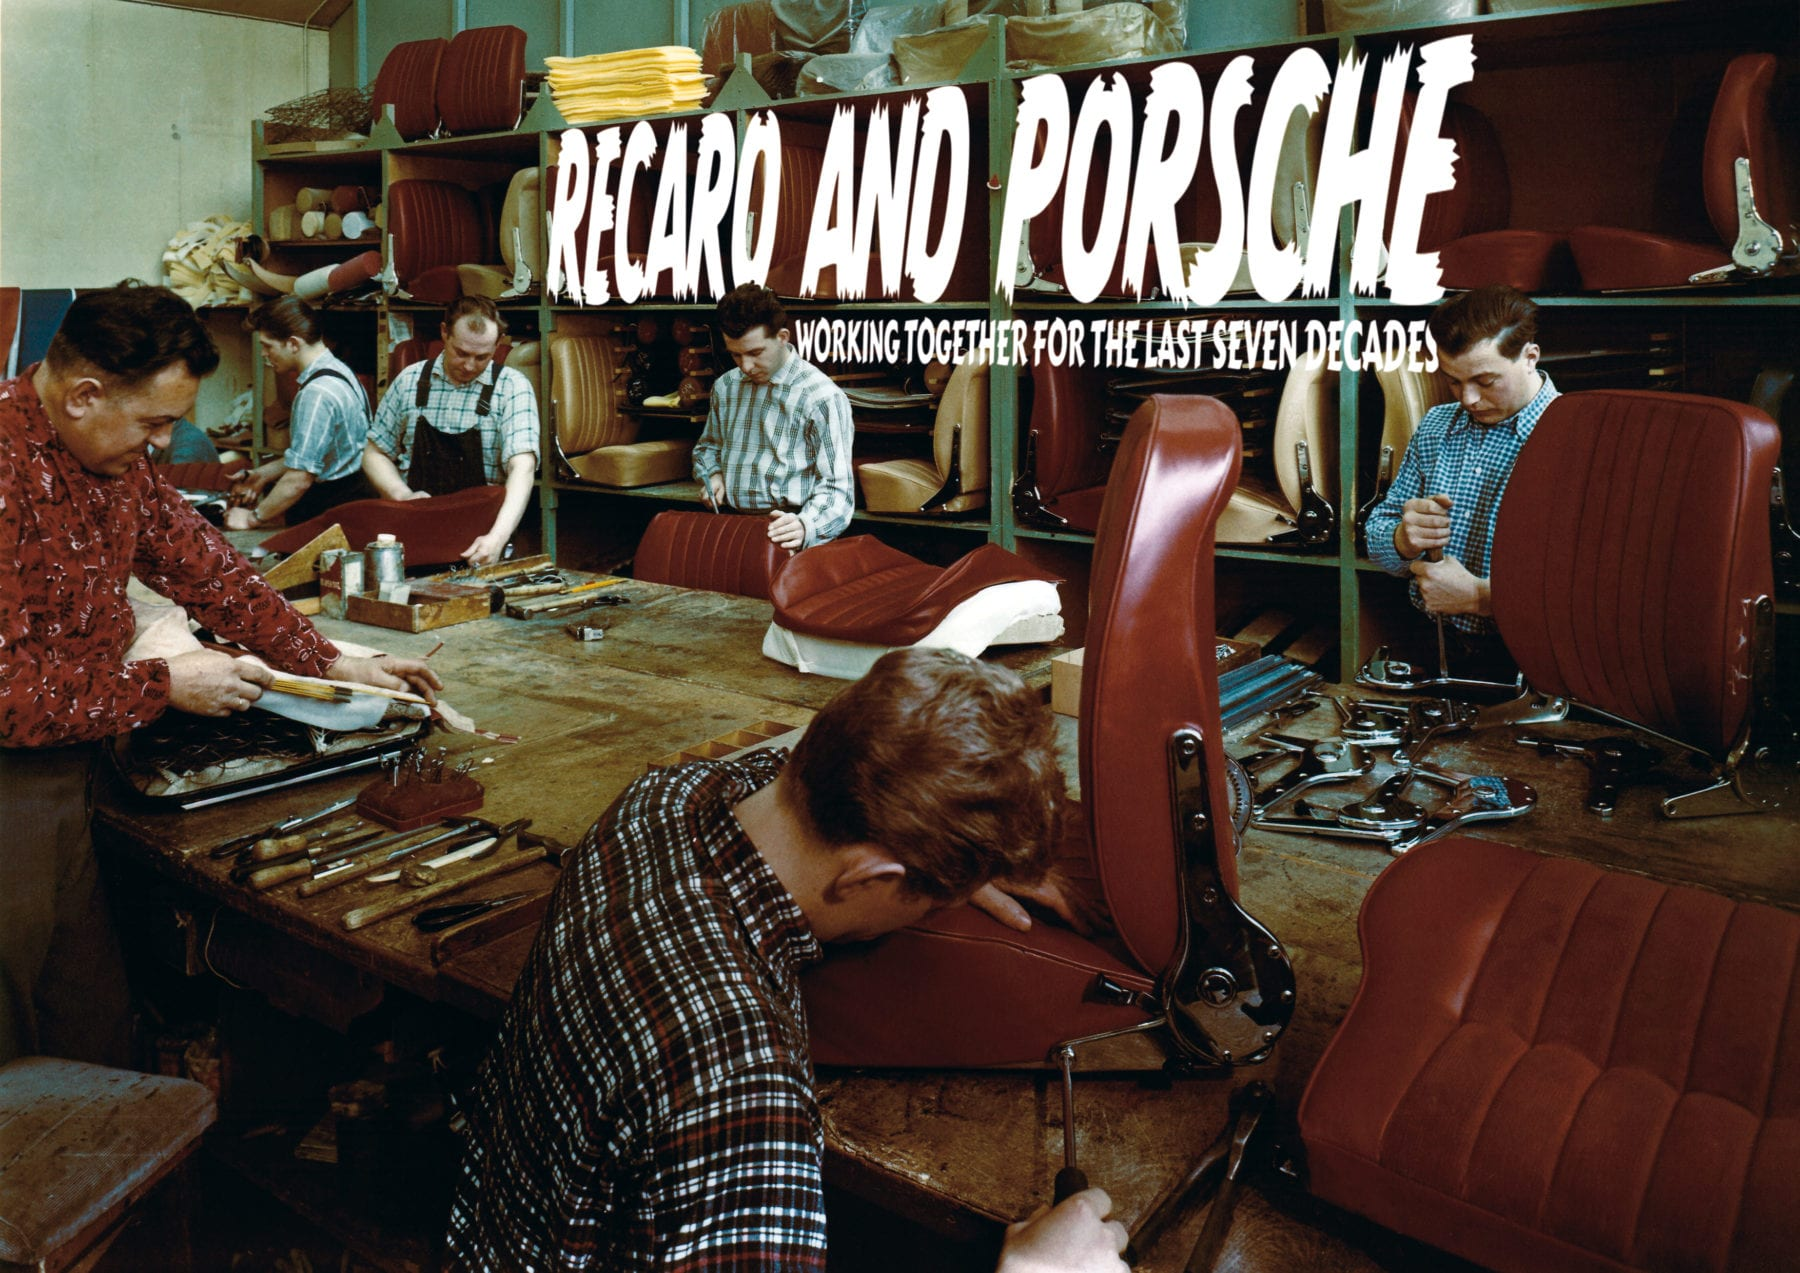 recaro and porsche